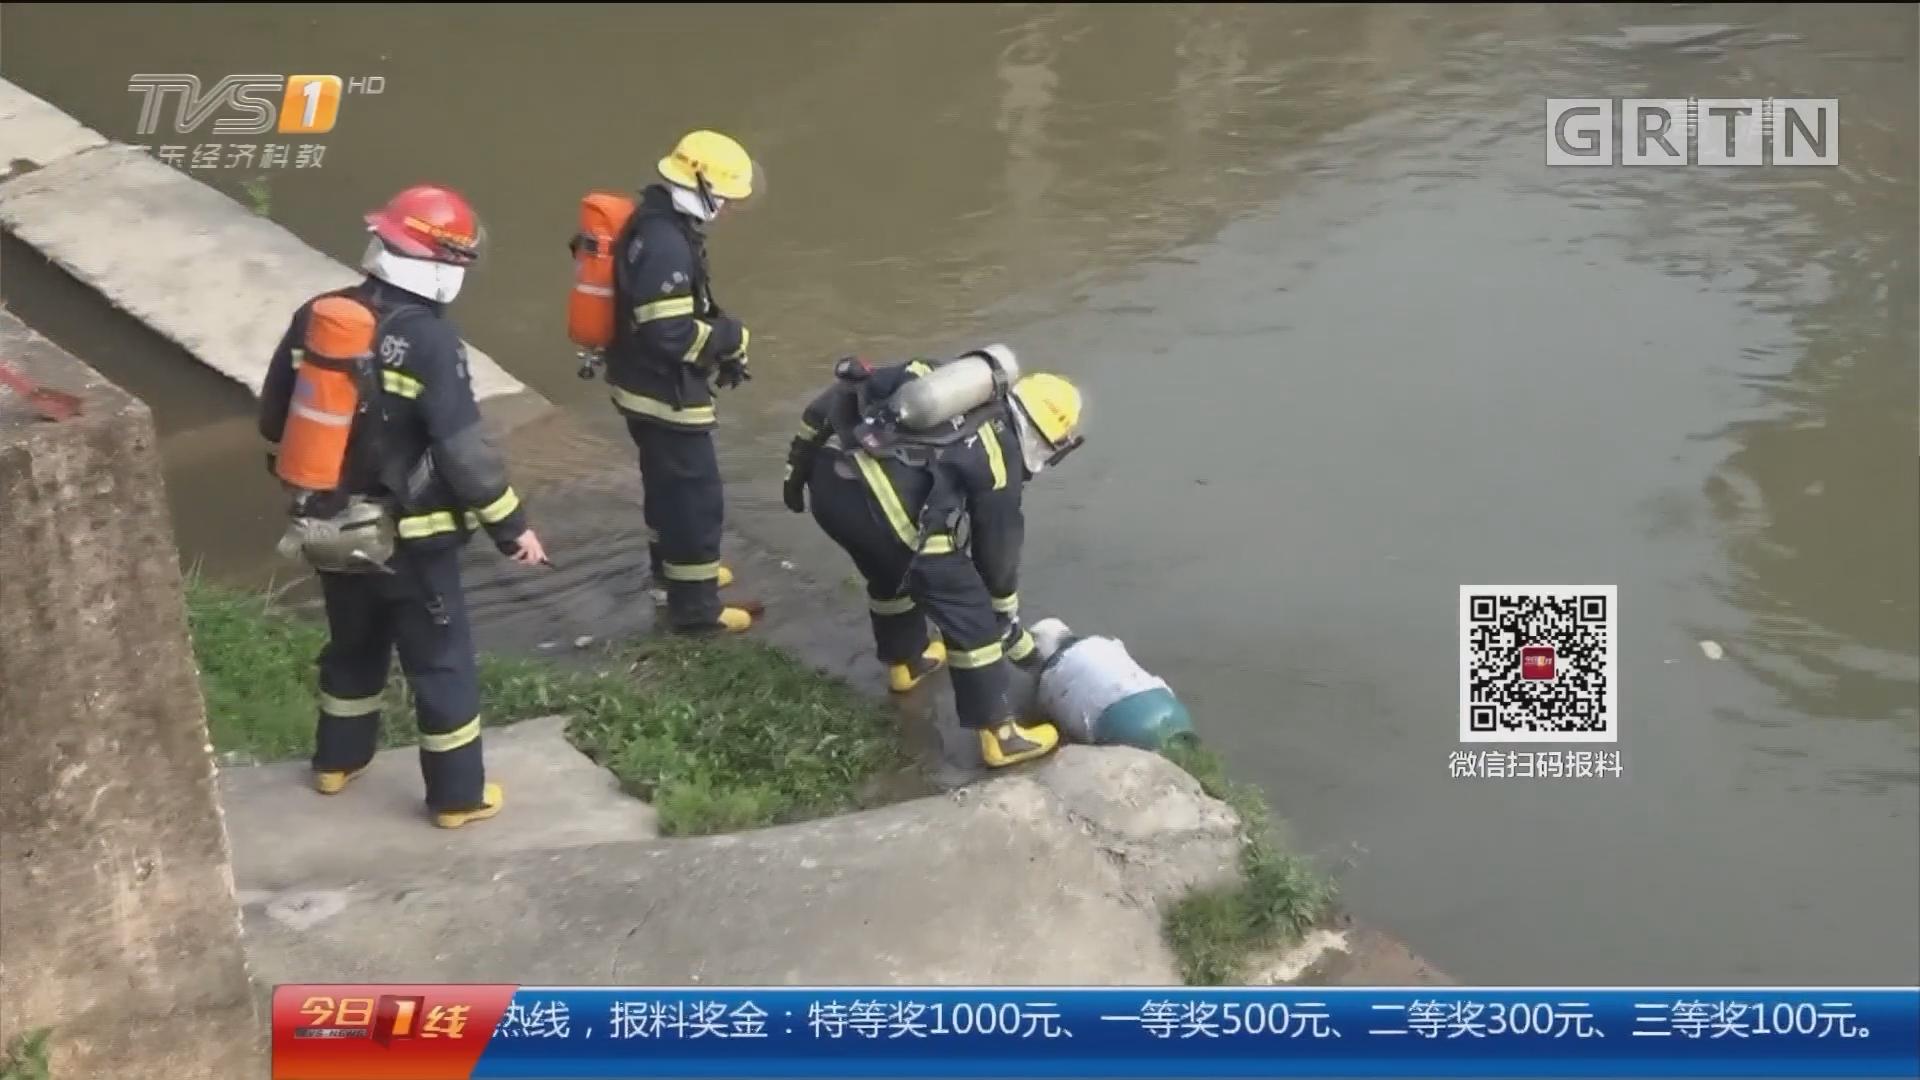 肇庆广宁:英勇!消防员肩扛泄漏气罐排险